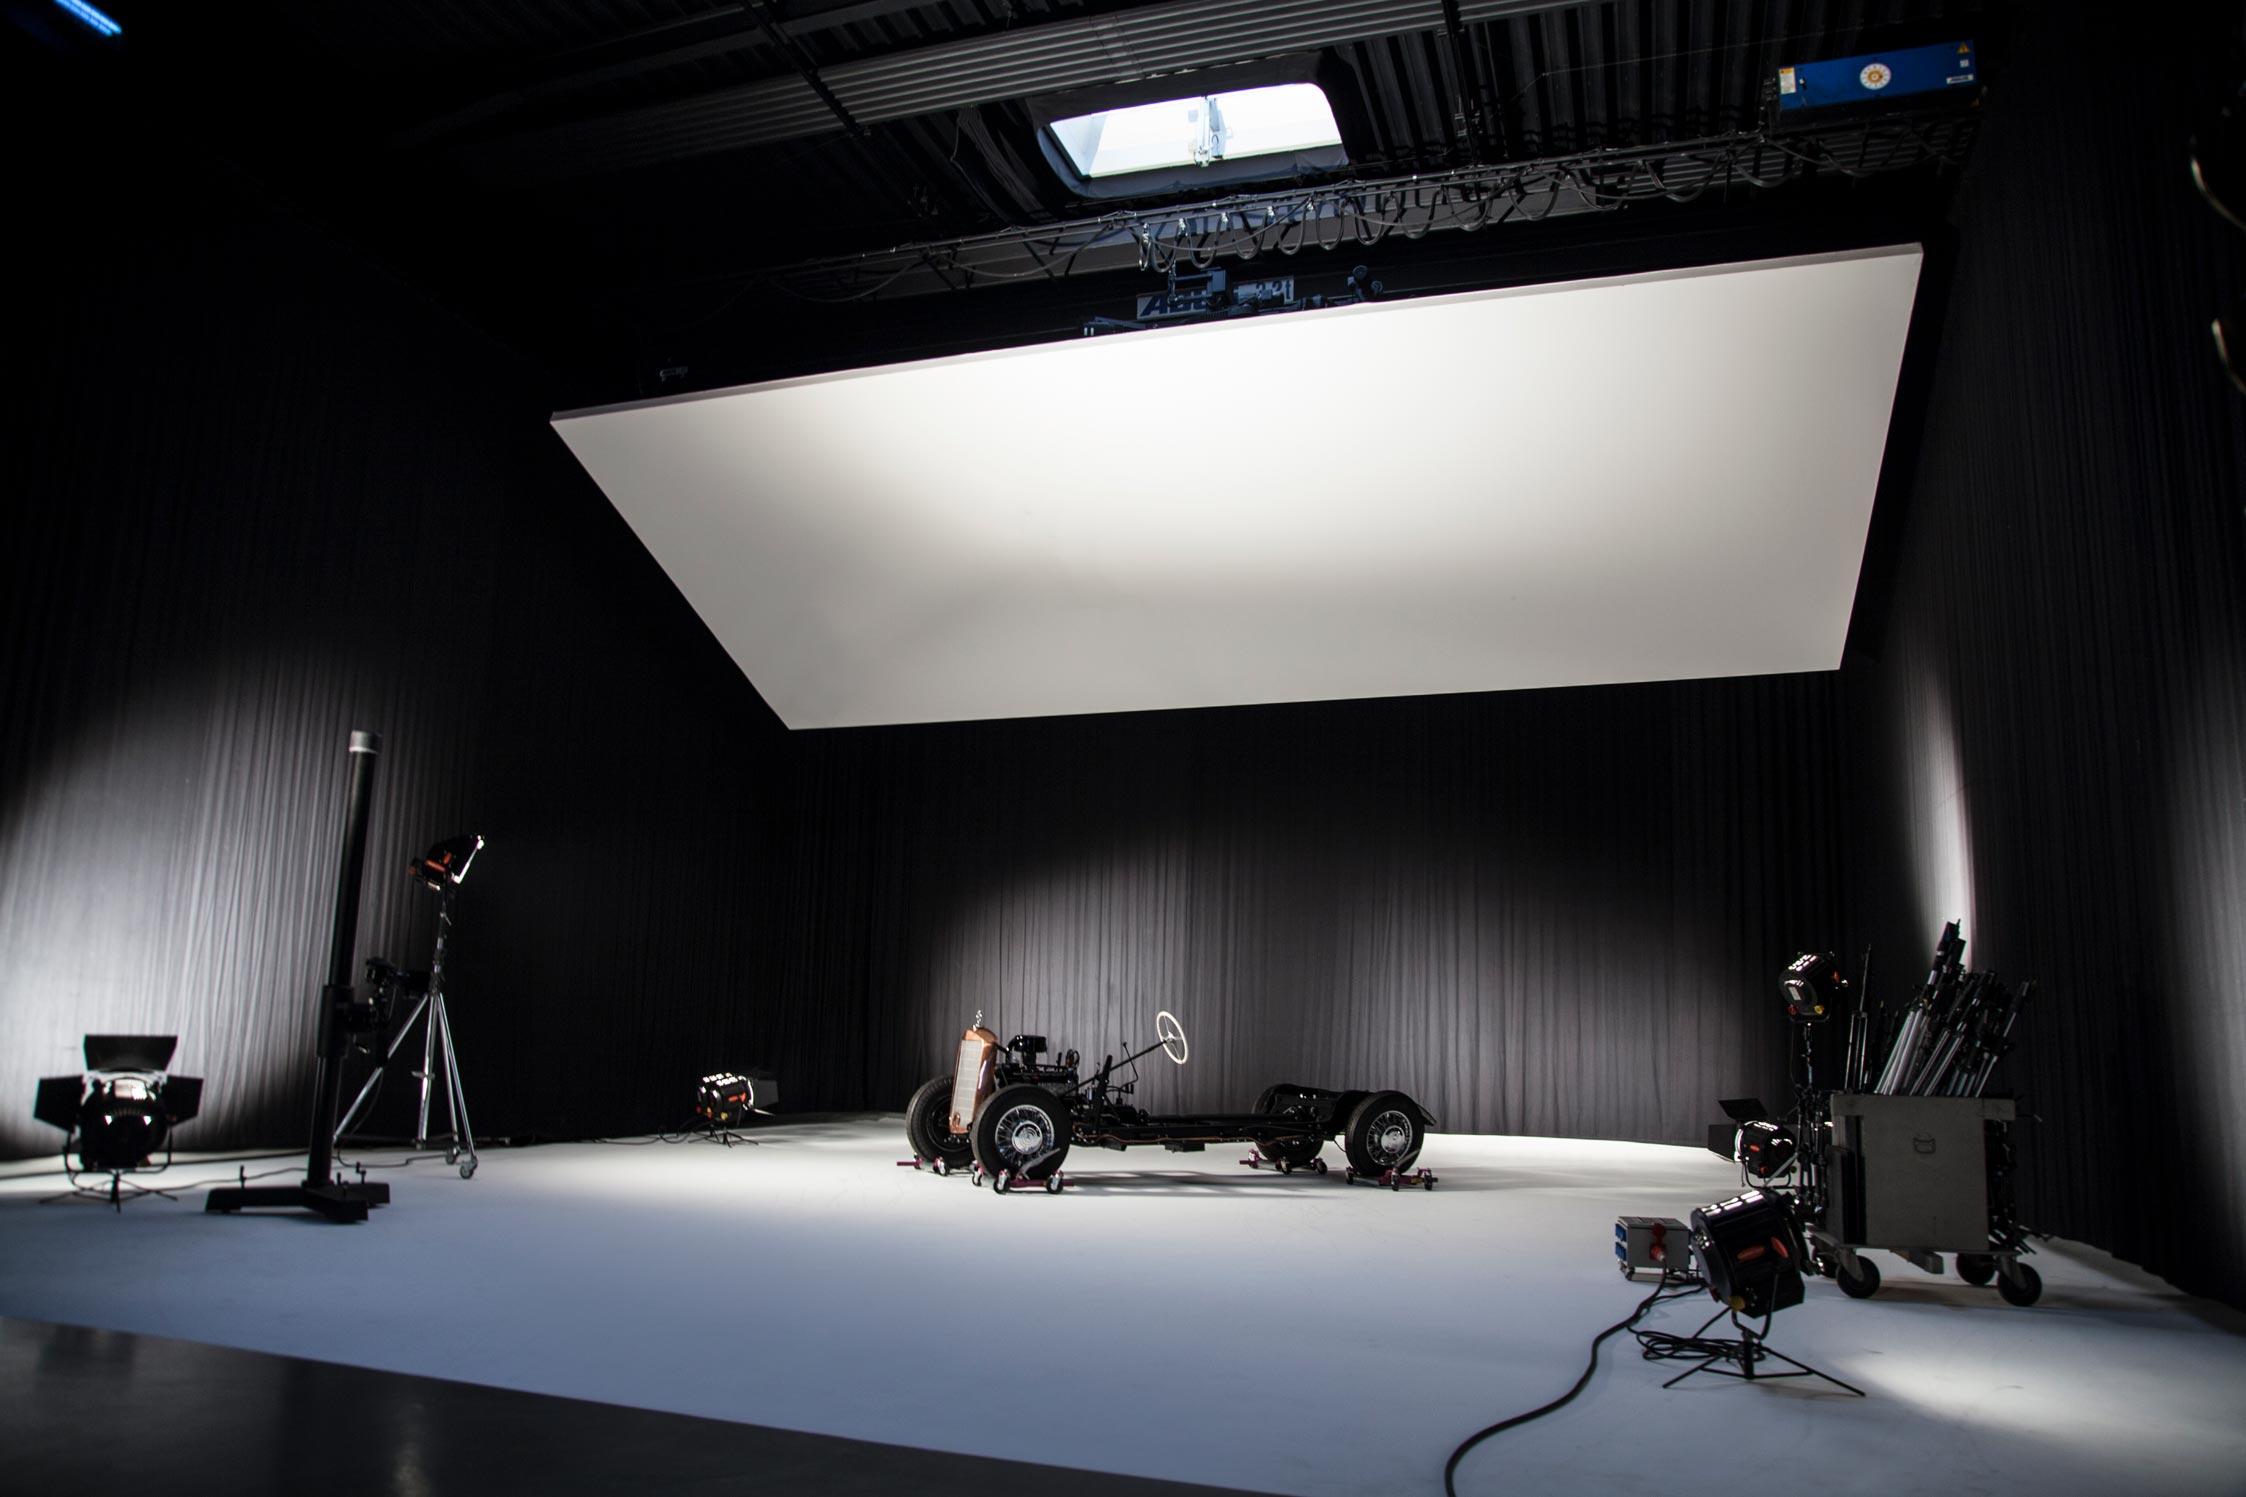 Mit schwarzen Vorhängen abgedunkeltes Großraumfotostudio